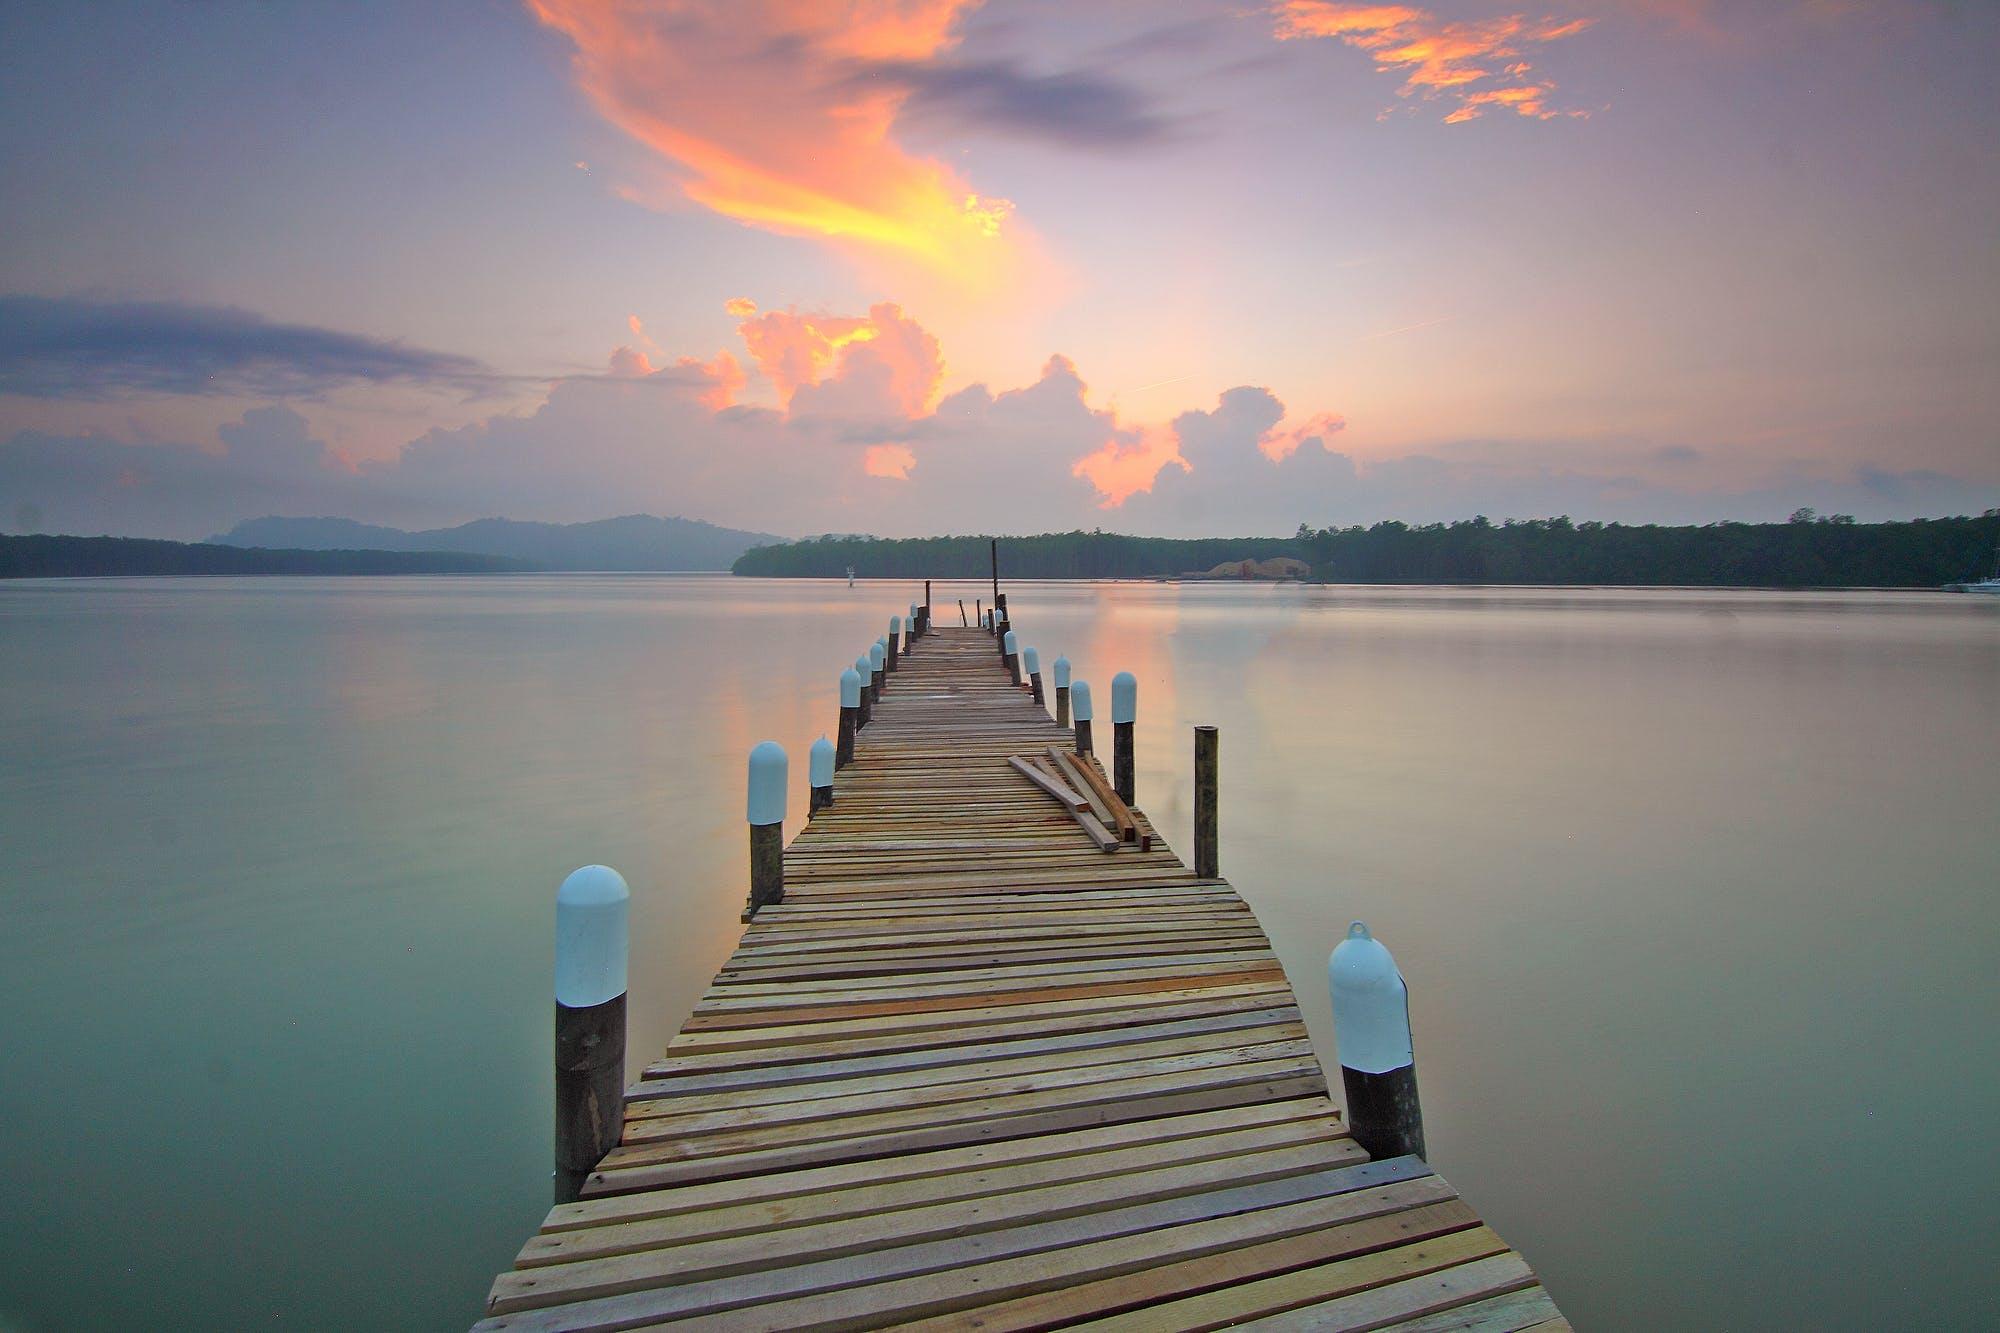 Ilmainen kuvapankkikuva tunnisteilla aamu, auringonlasku, laituri, luonto